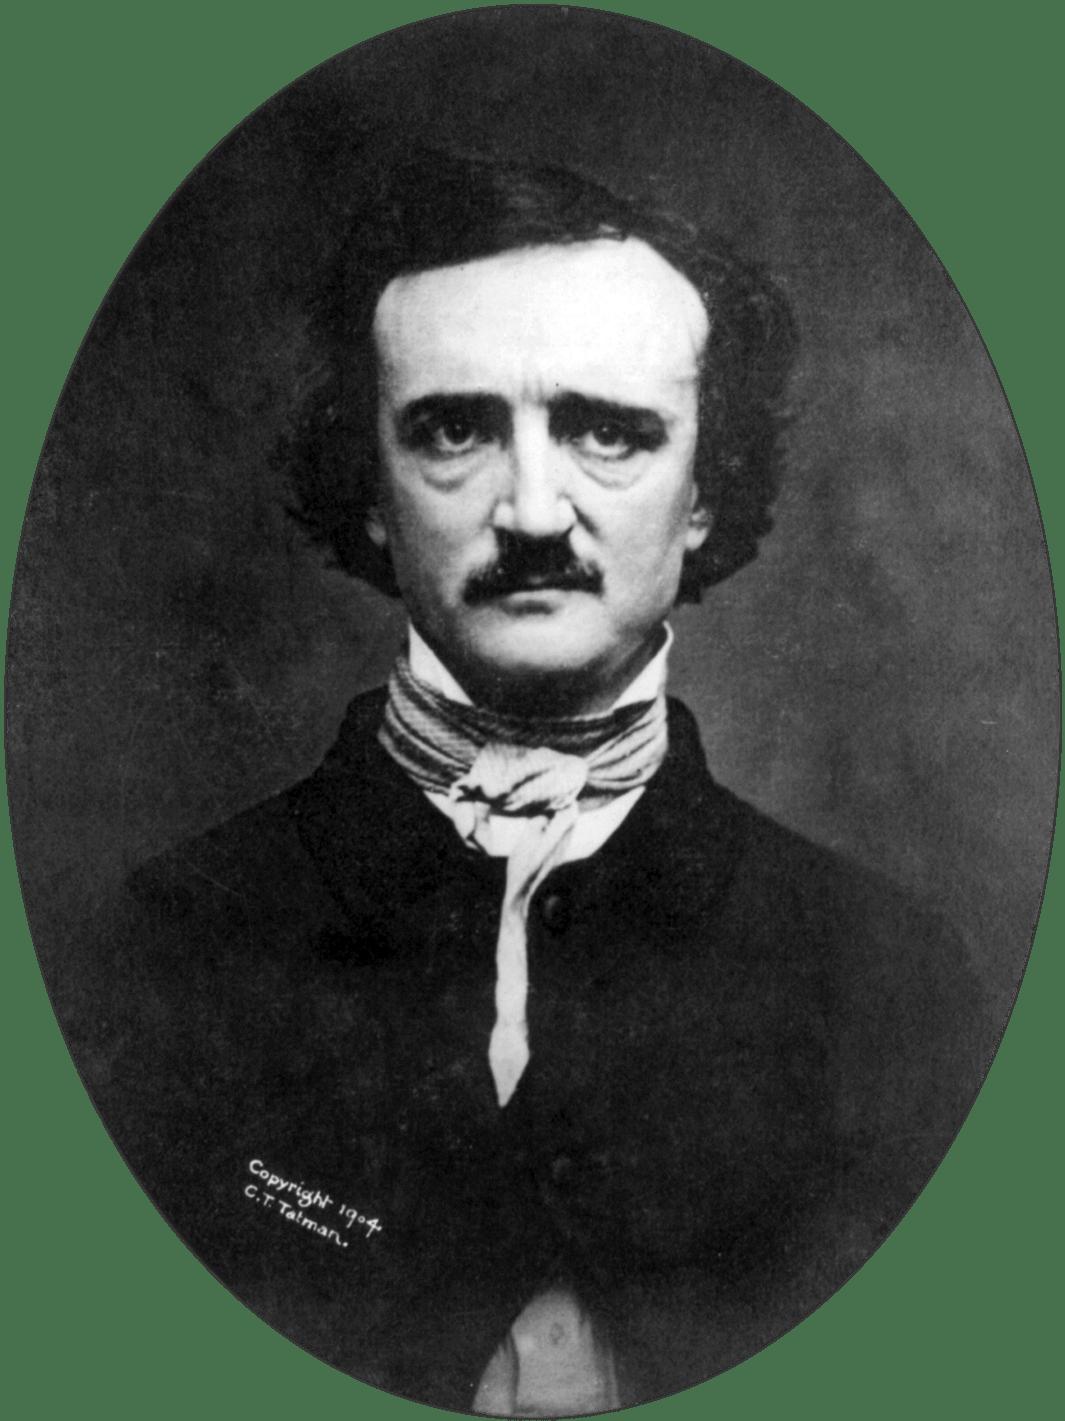 Edgar Allan Poe daguerreotype